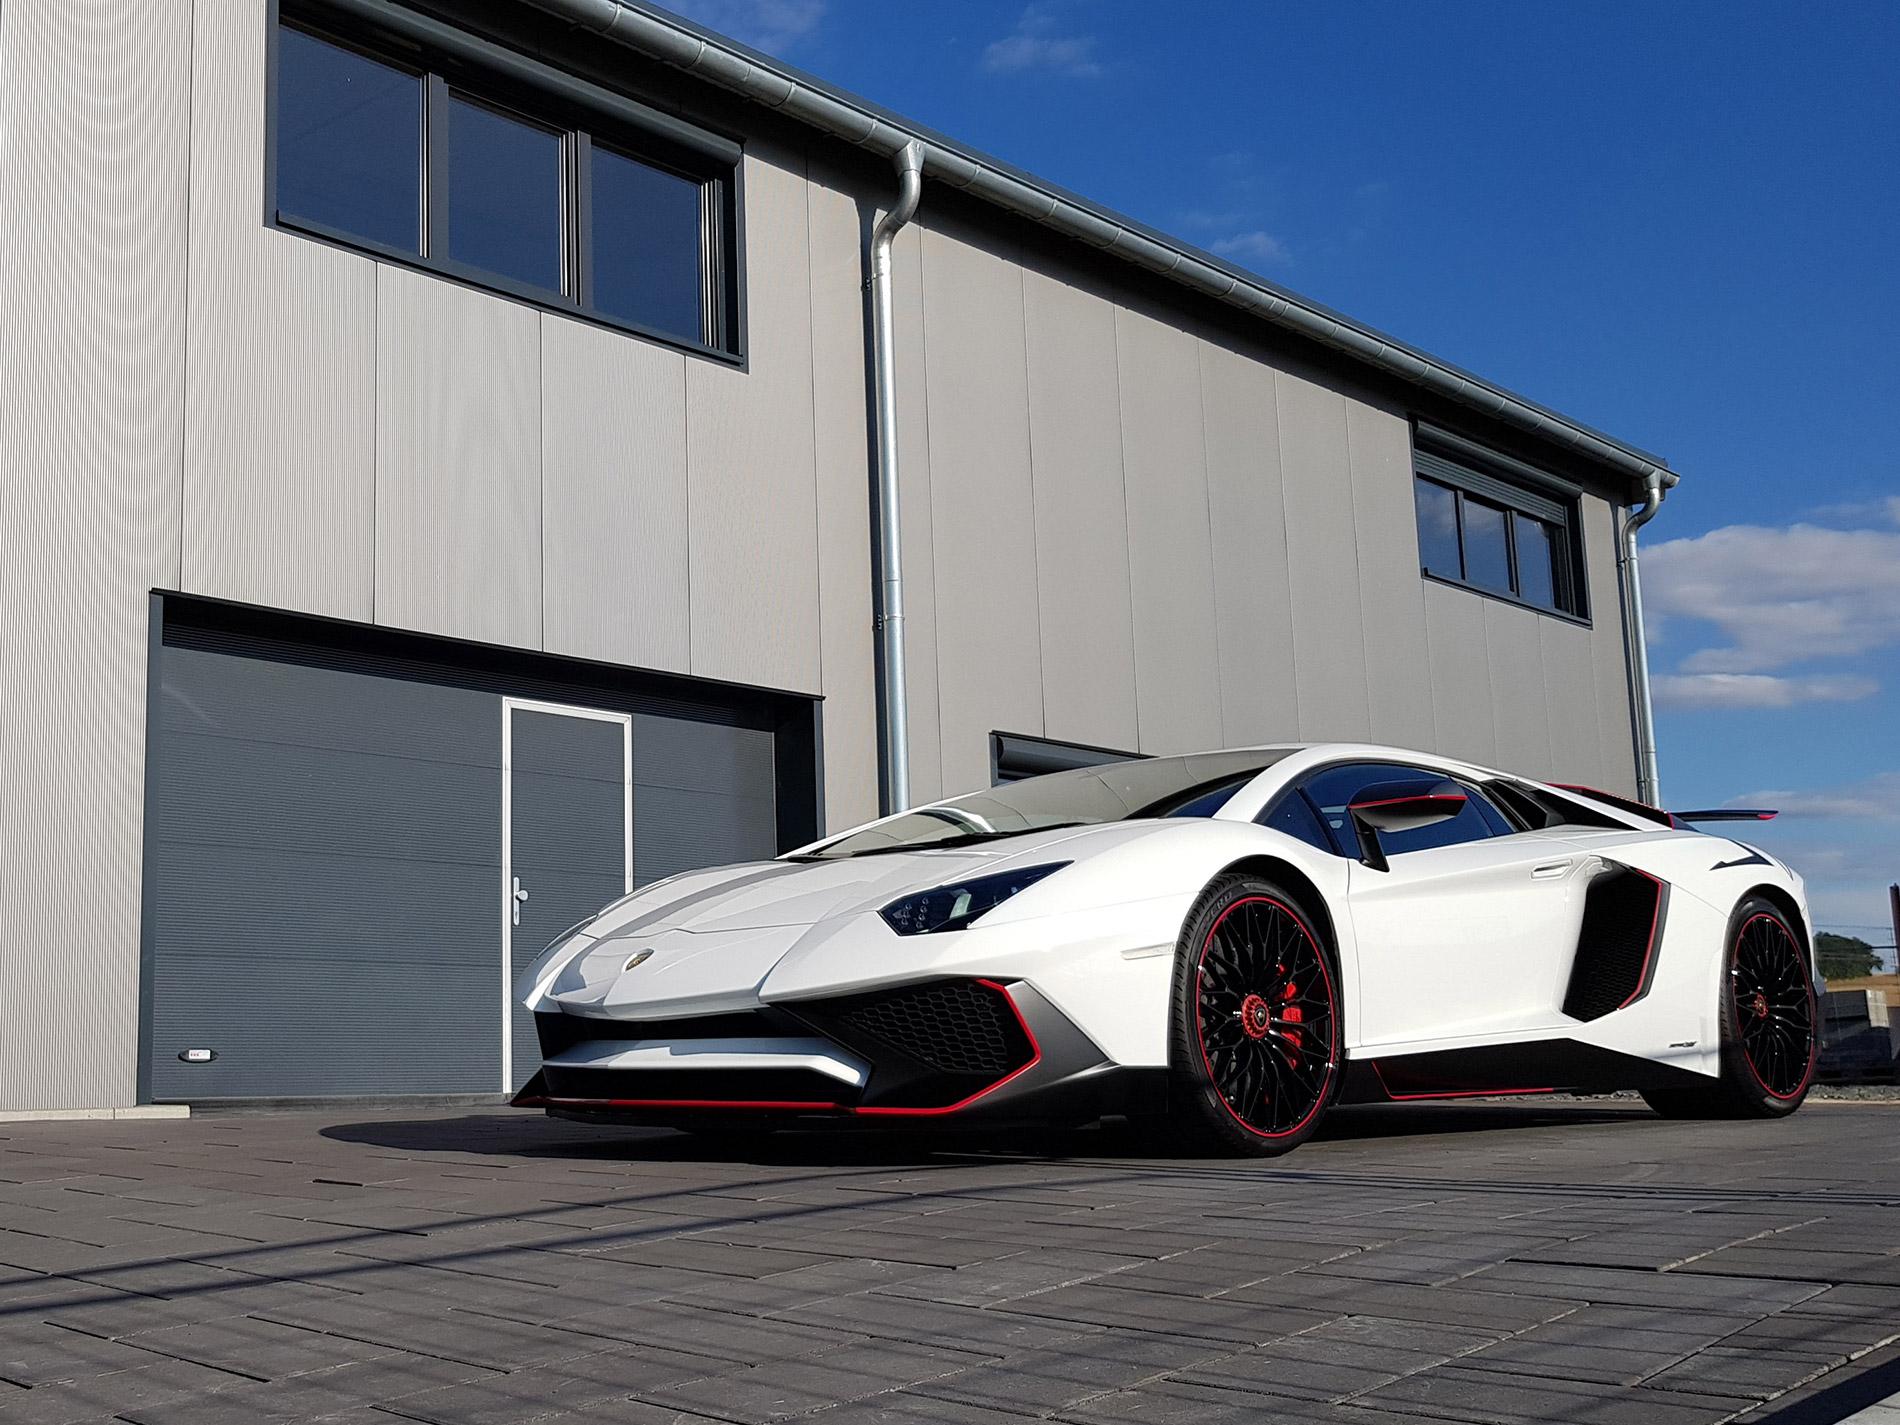 Lamborghini Aventador SV 2